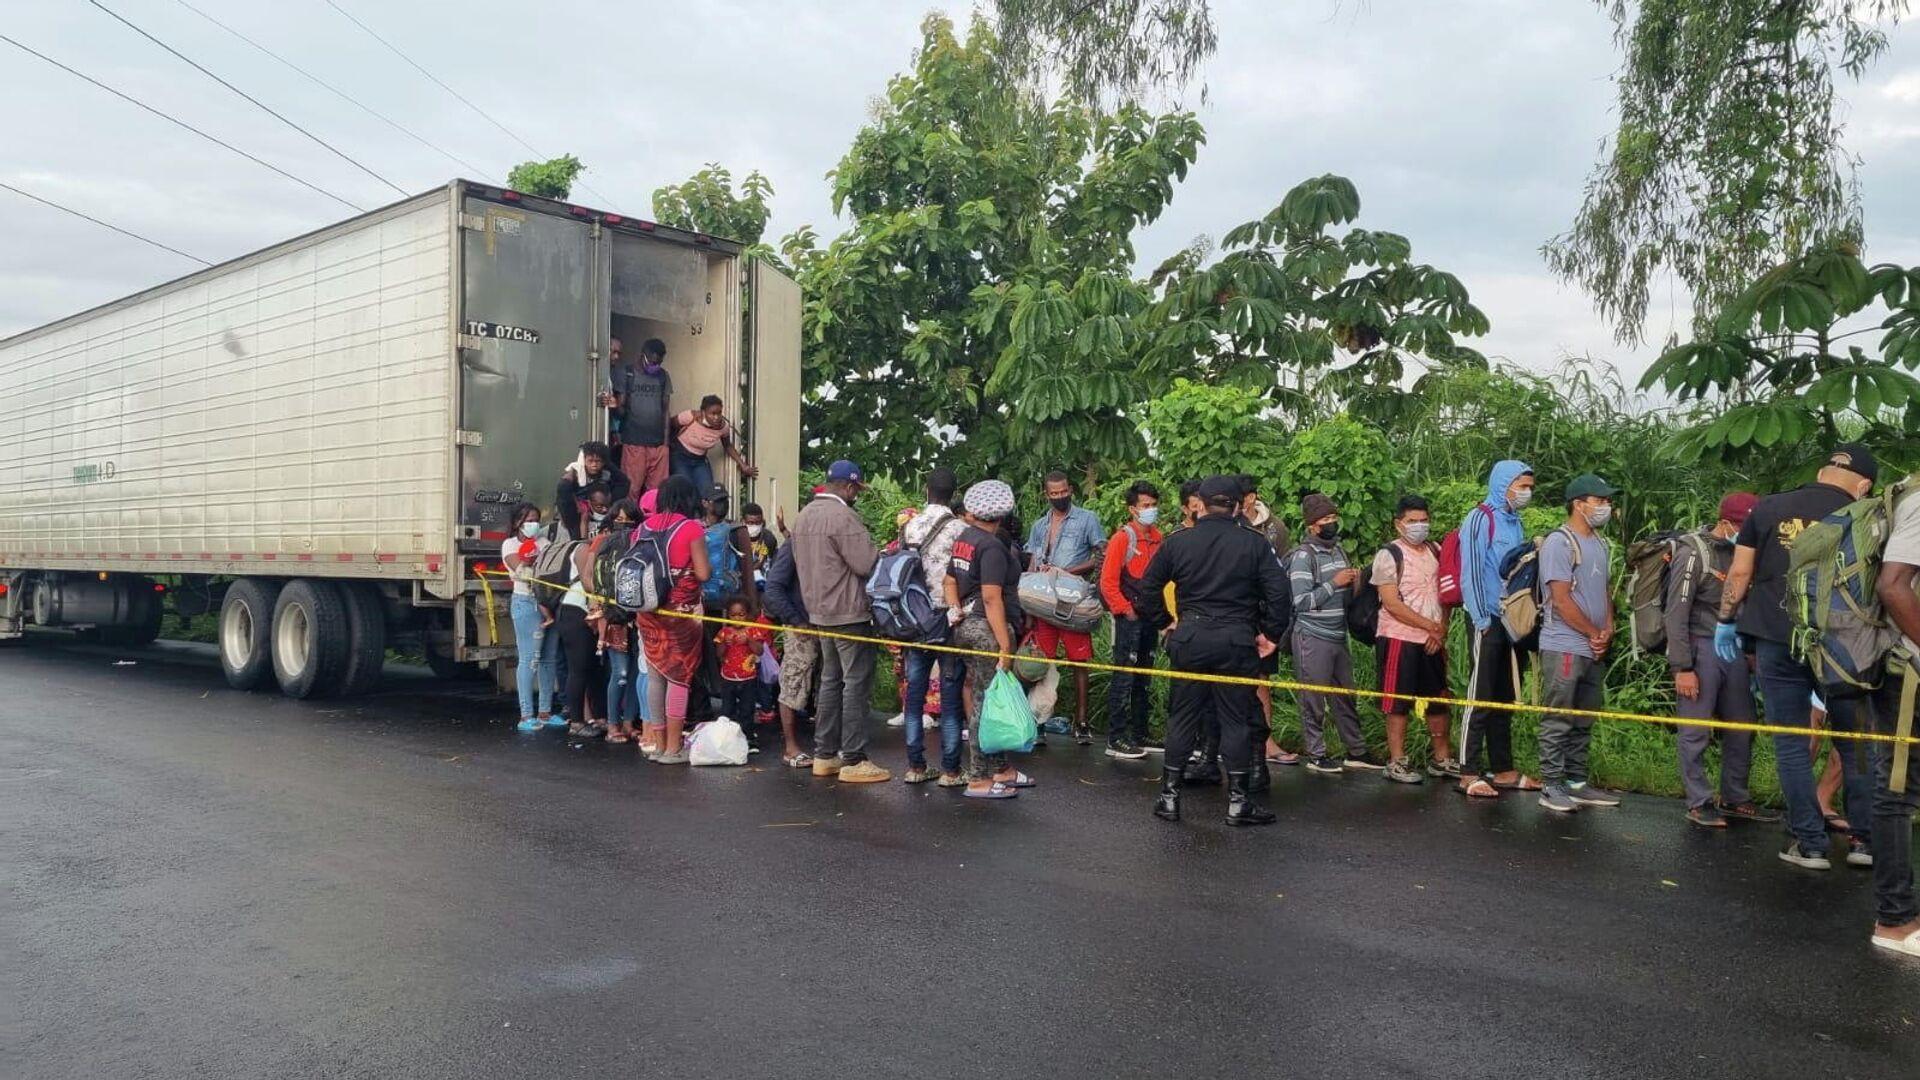 Migranten, die in einem Lastwagen unterwegs sind, steigen aus, nachdem der Lastwagen von der Nationalen Zivilpolizei Guatemalas (PNC) in Mazatenango, Guatemala, angehalten wurde (undatiertes Foto). - SNA, 1920, 10.10.2021